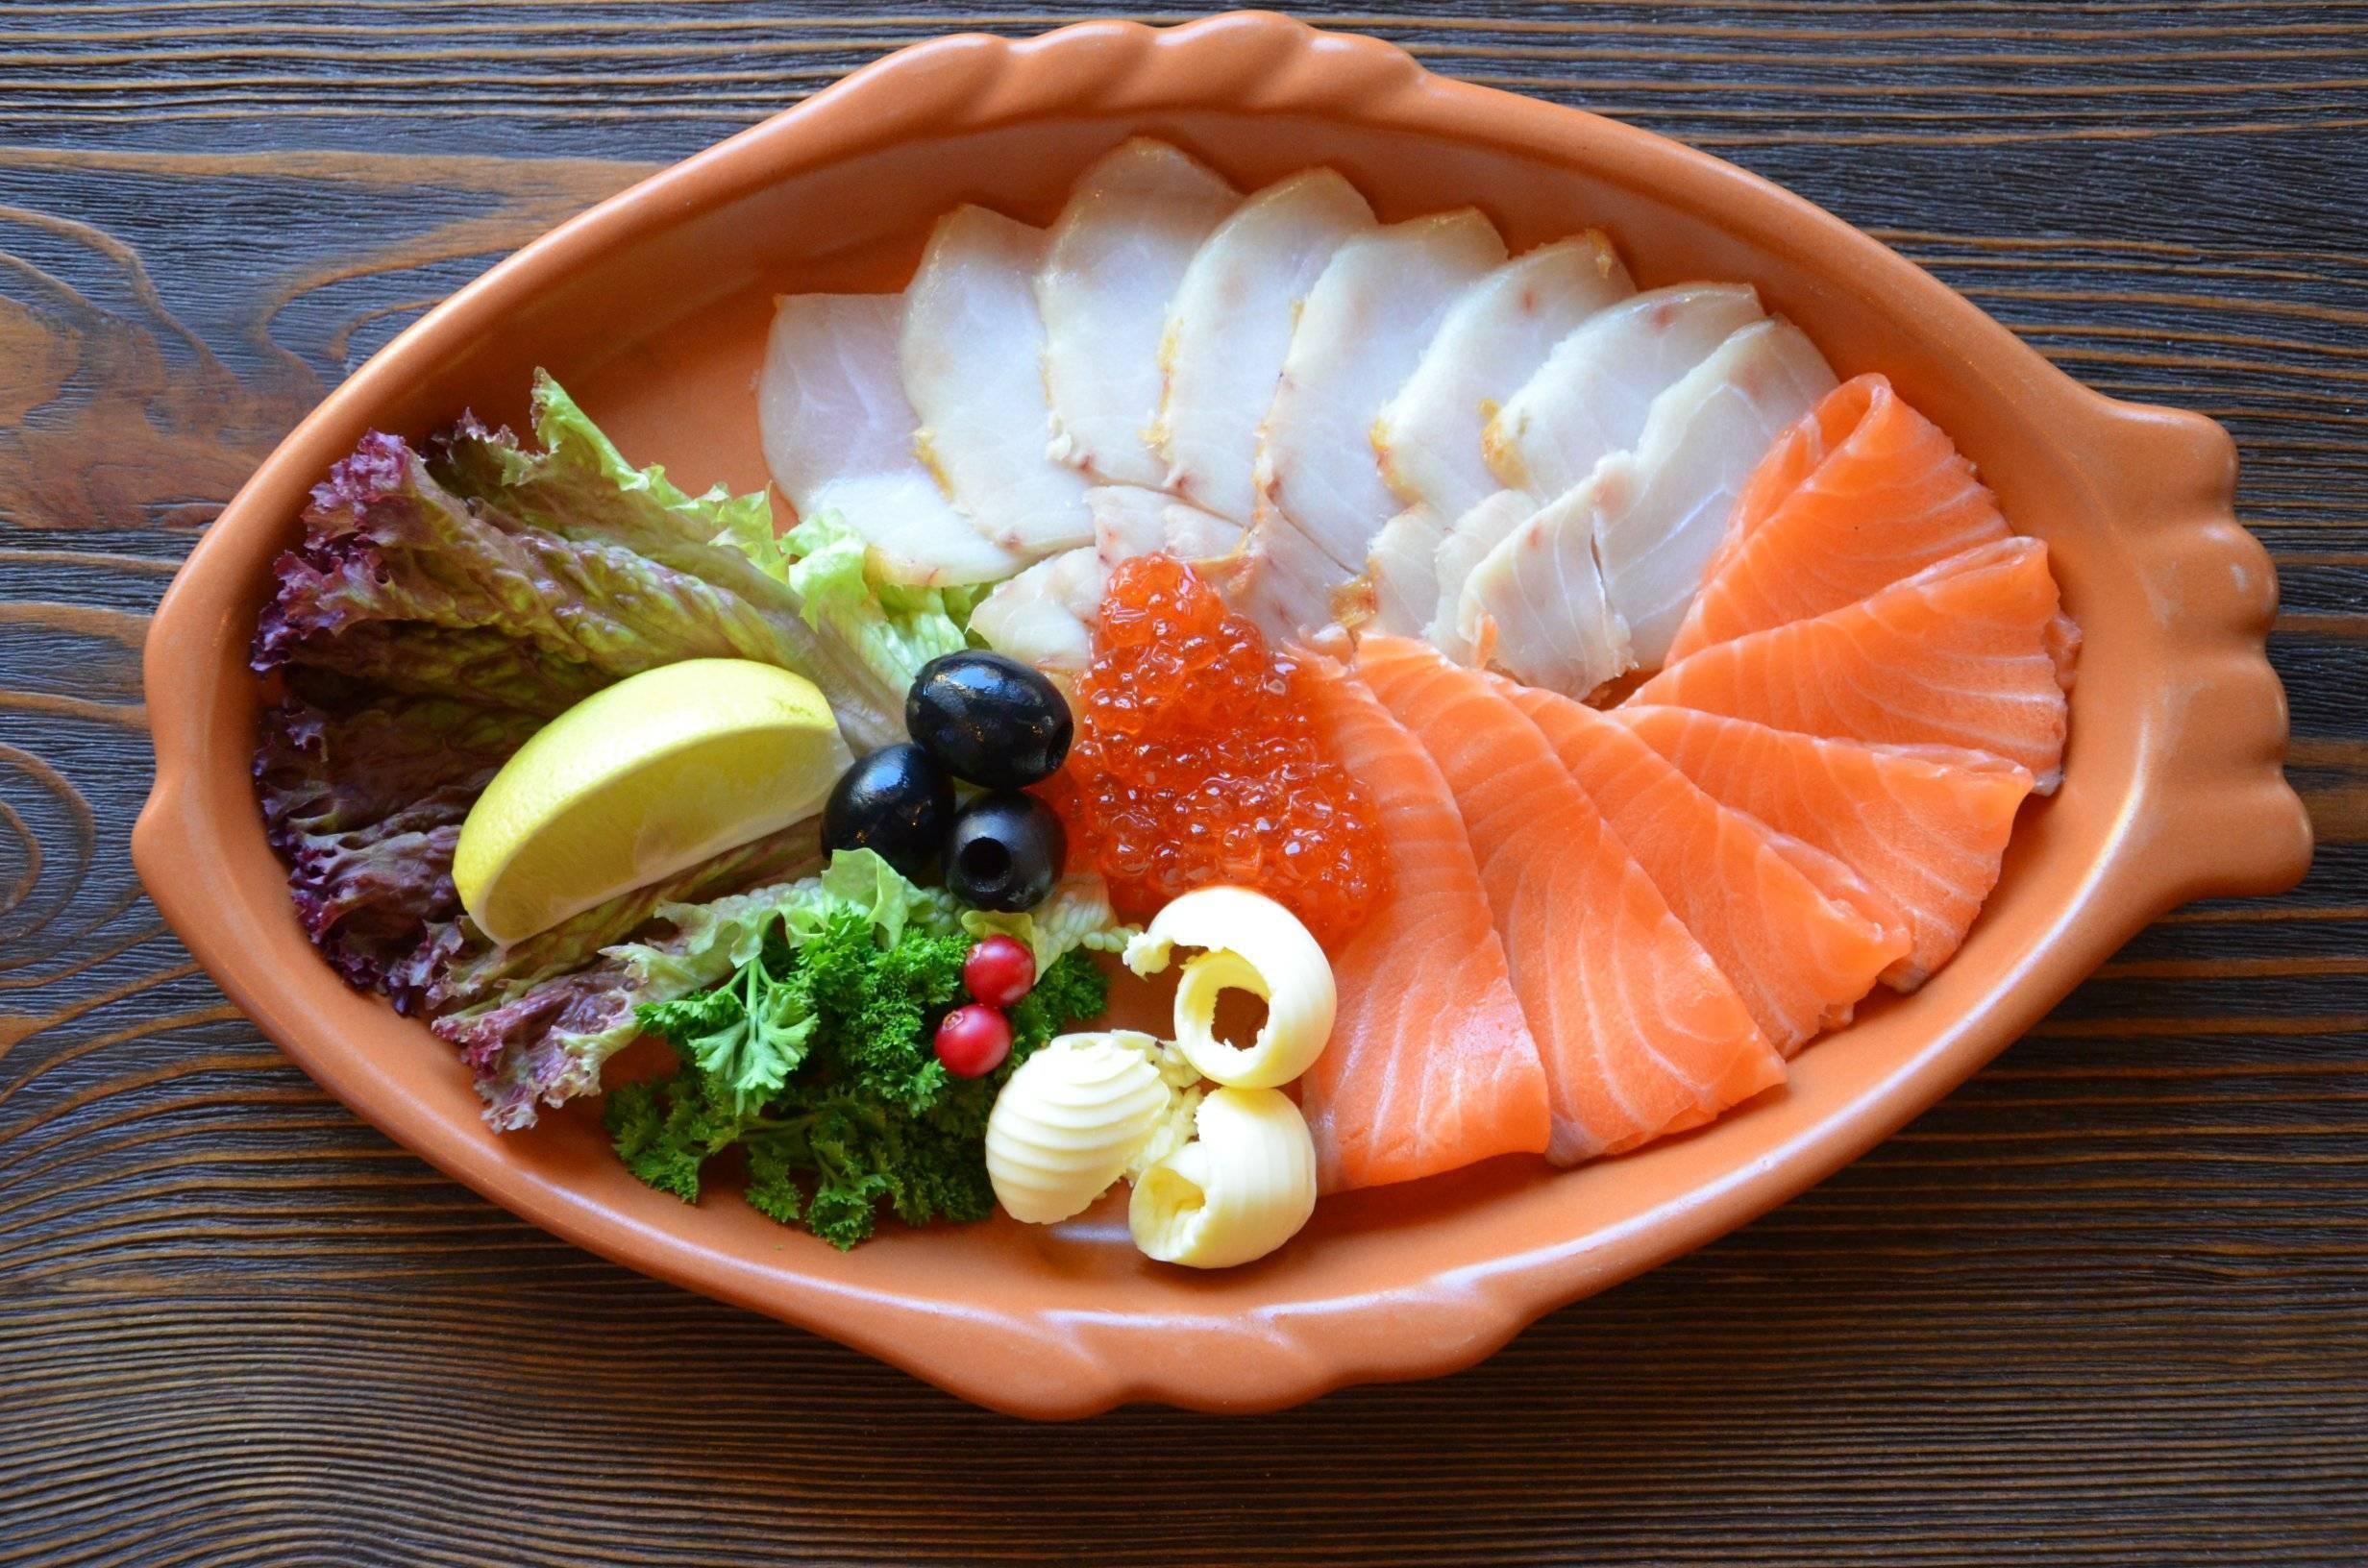 Самые красивые нарезки из продуктов: колбасы, рыбы, сыра, фруктов и овощей, фото идеи оформления праздничного стола